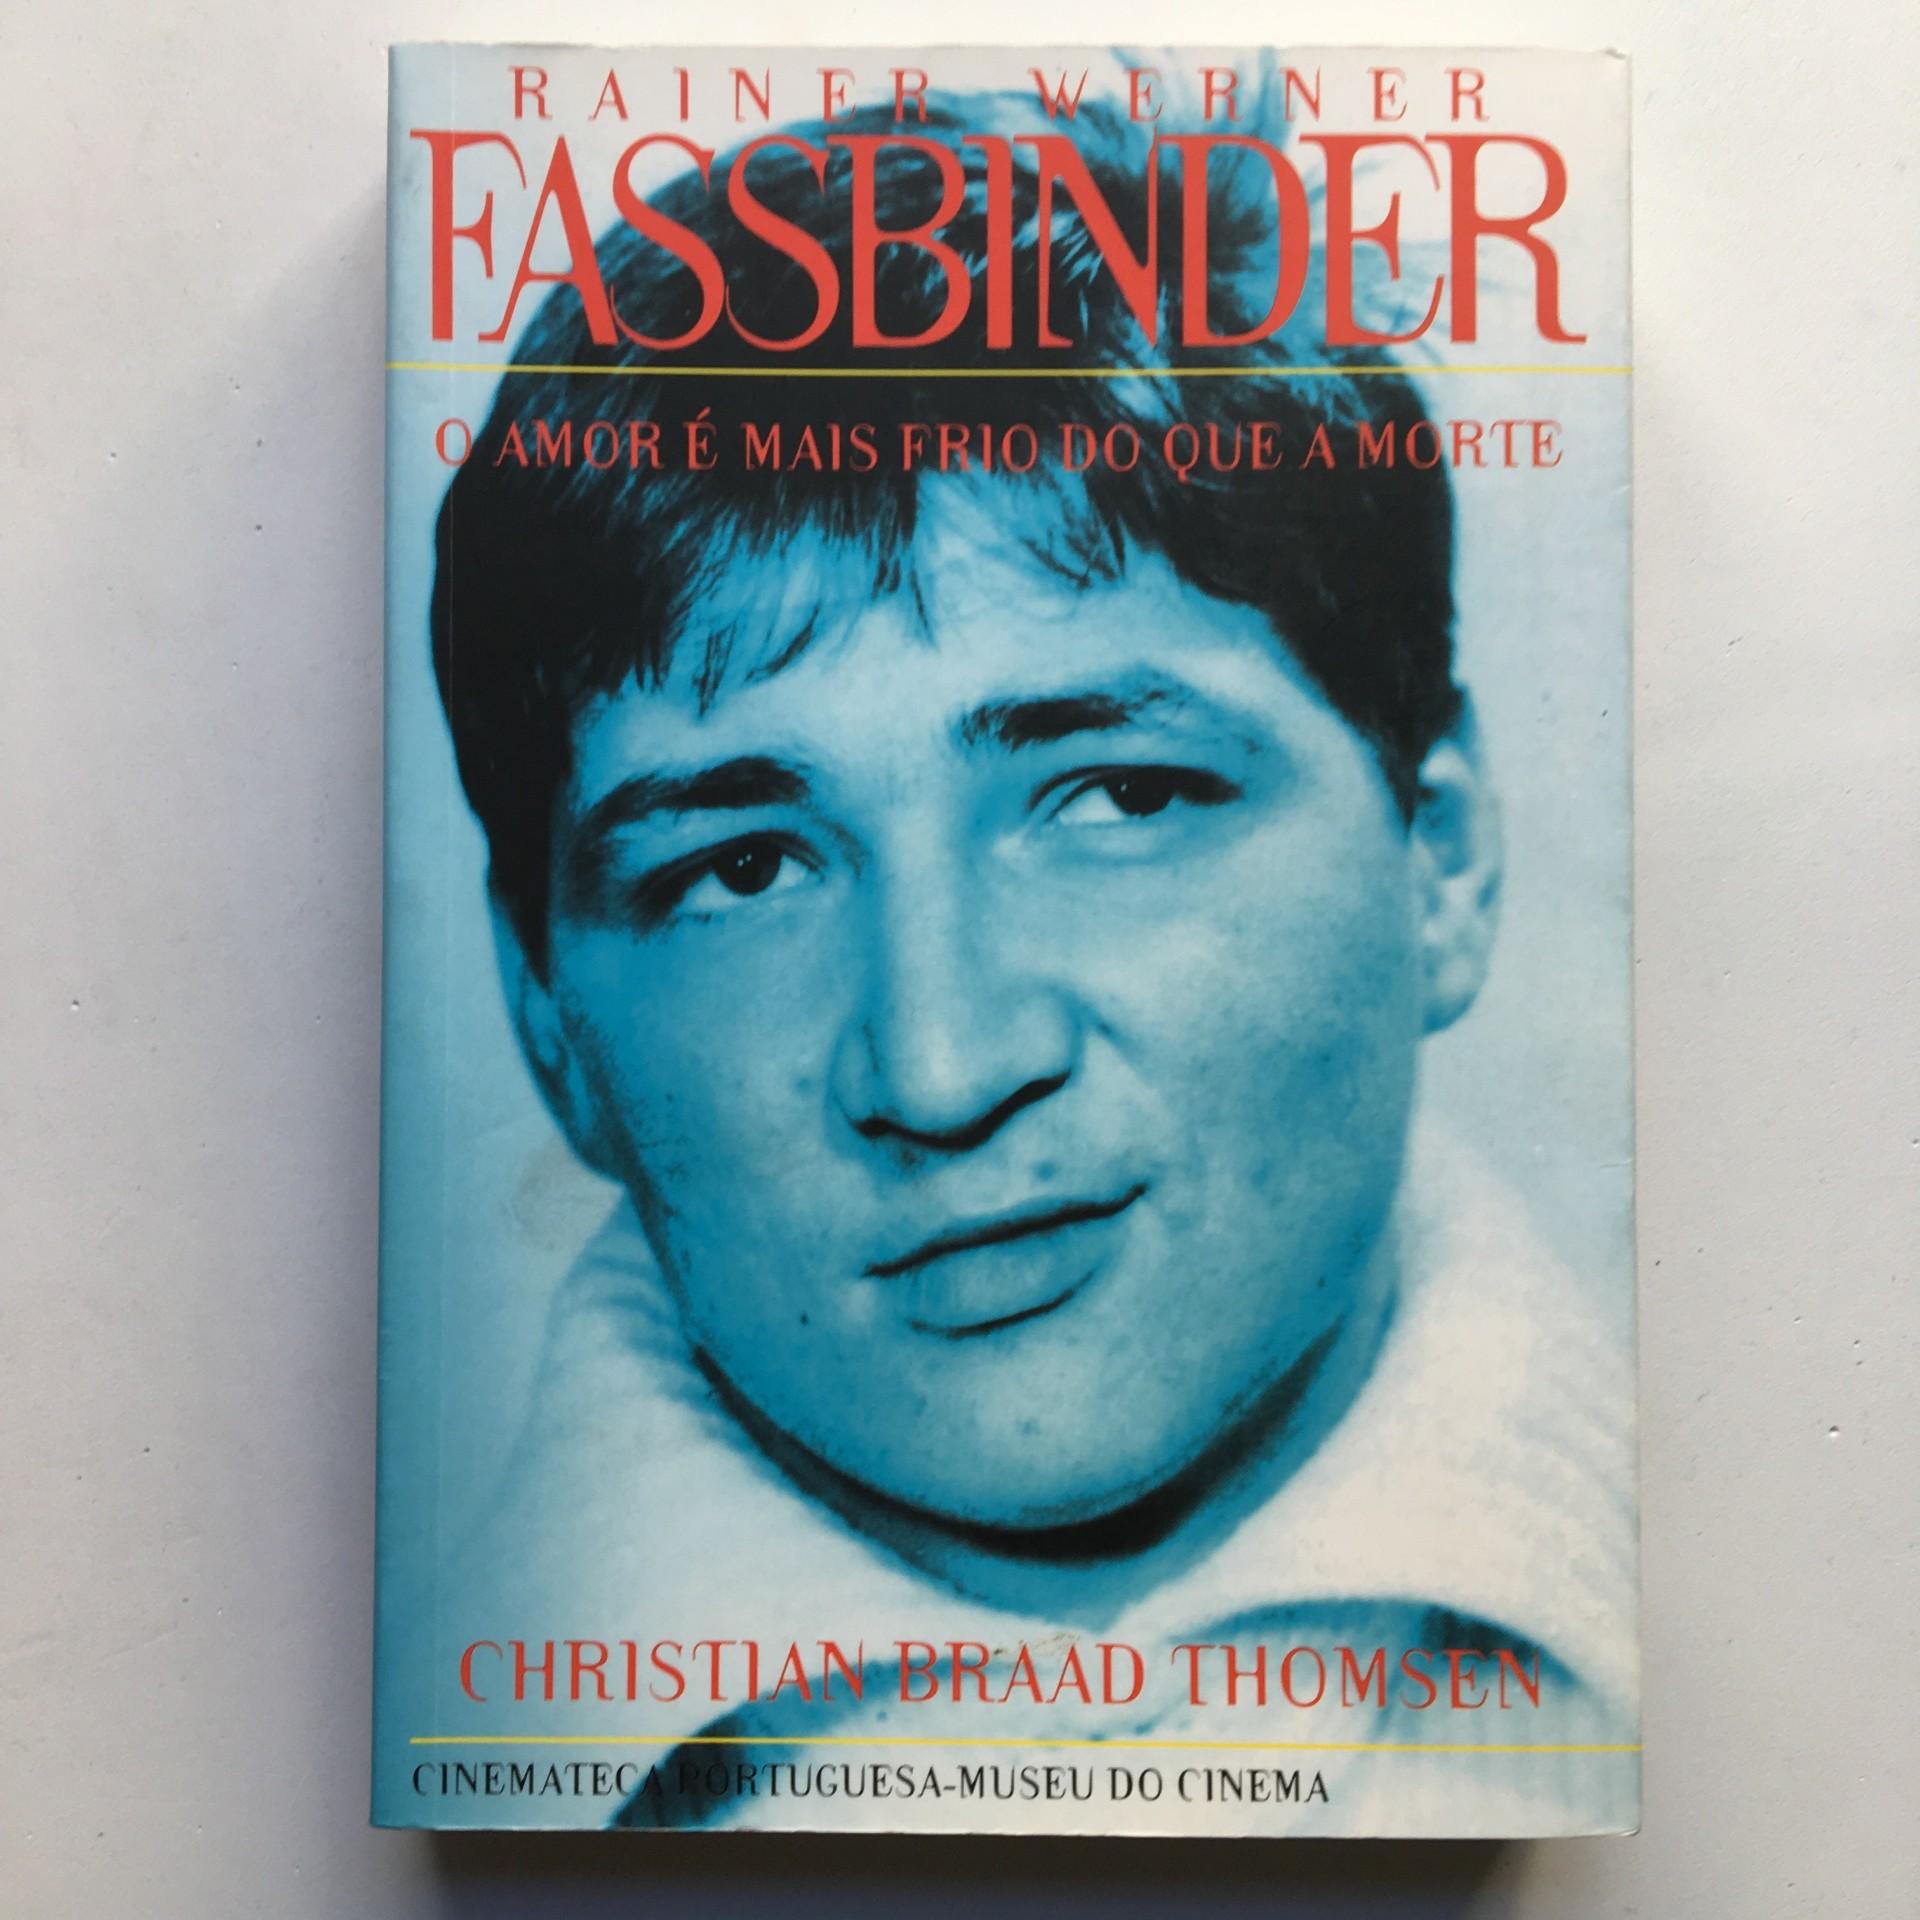 Rainer. W. Fassbinder: o amor é mais frio que a morte